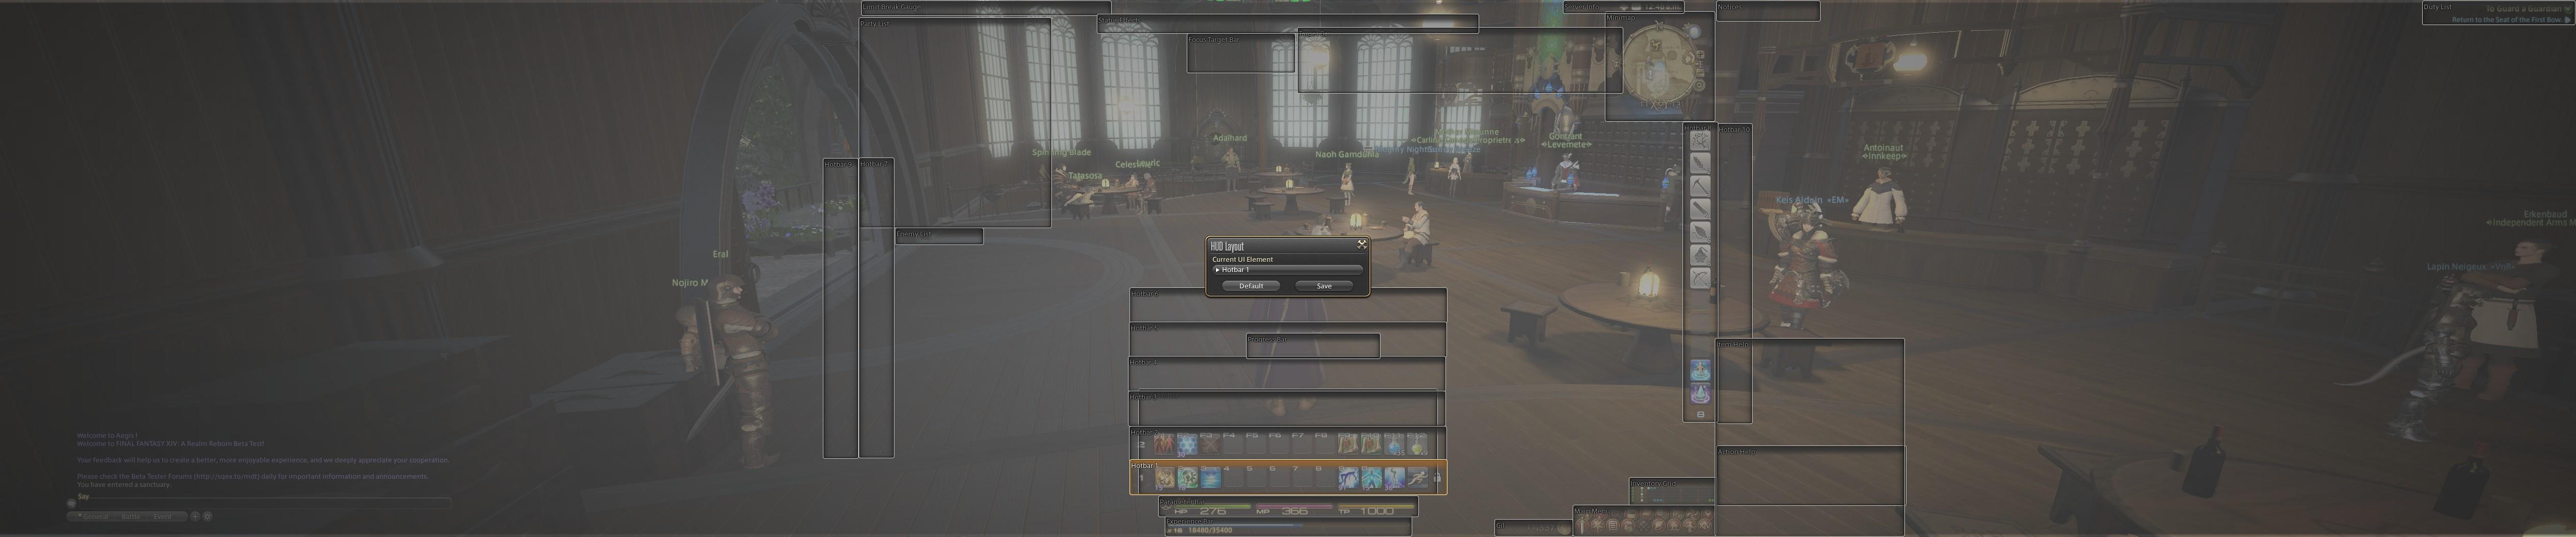 Final Fantasy XIV: A Realm Reborn (Triple Monitors